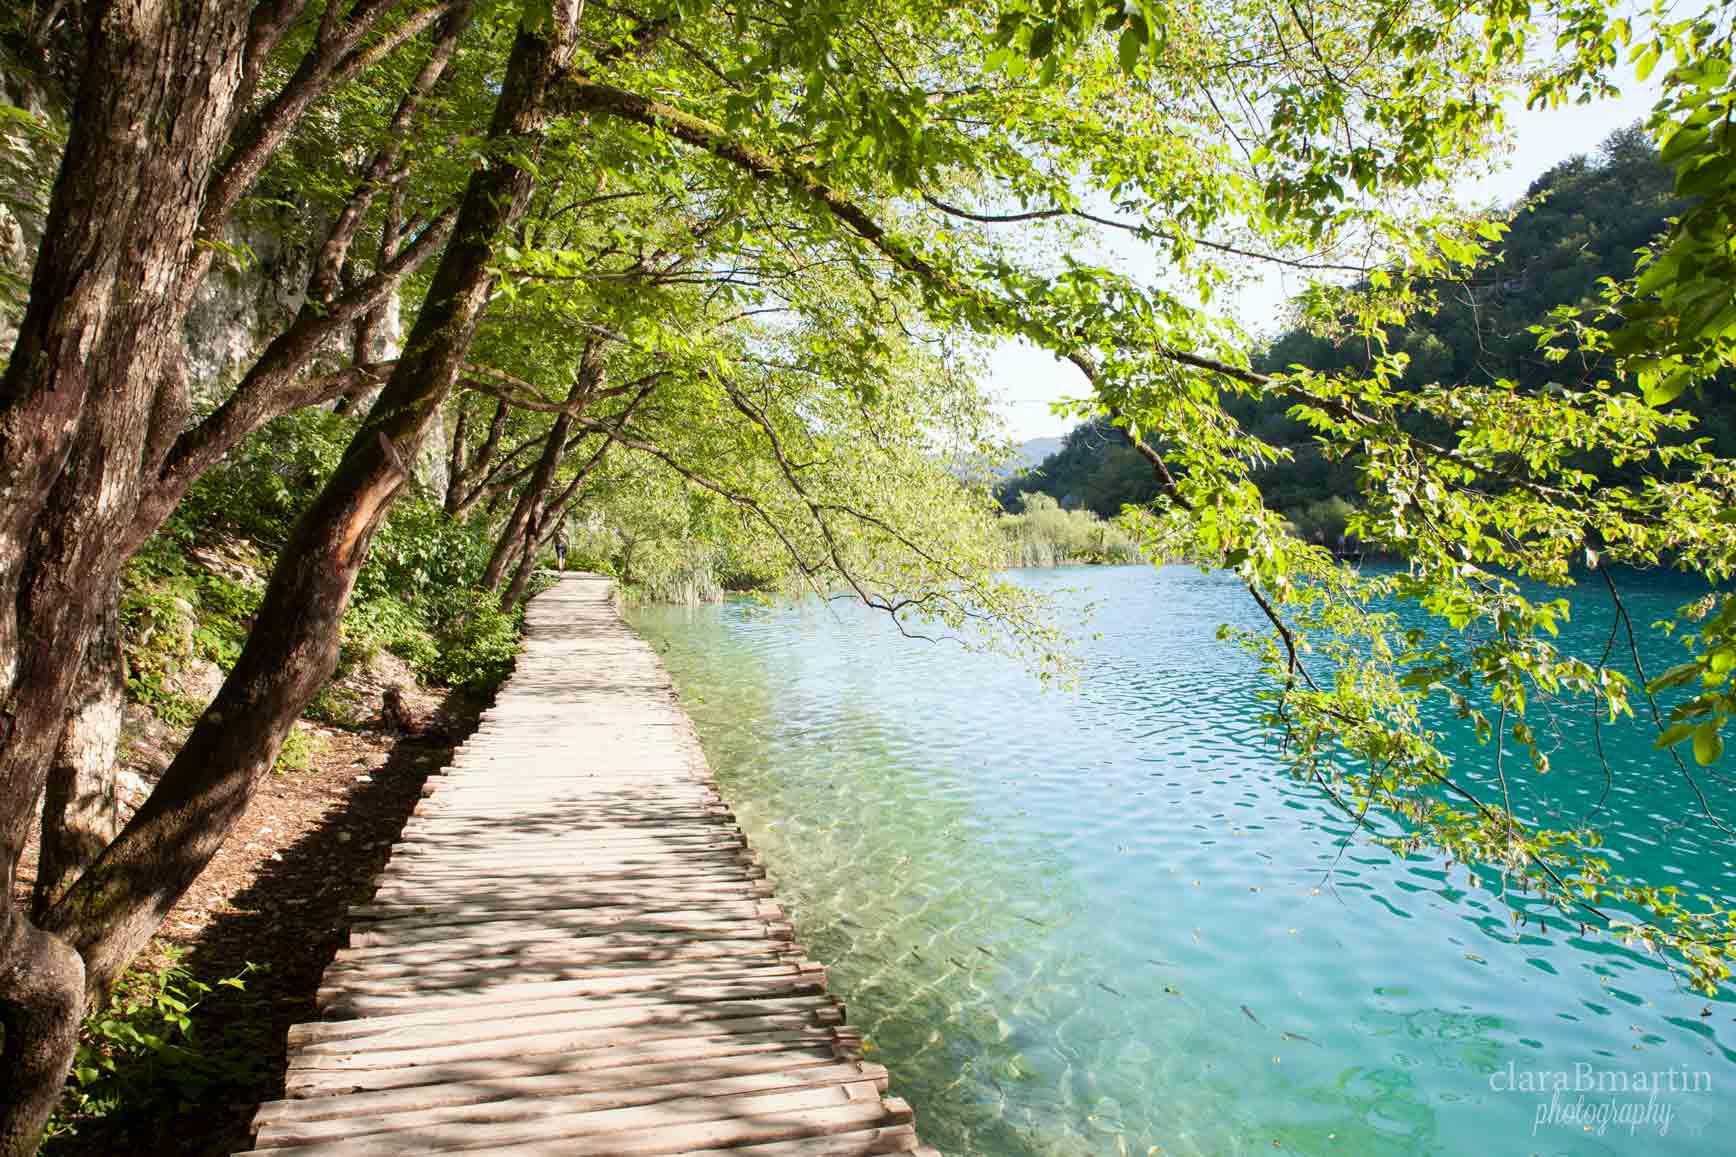 lagos-de-plitvice_claraBmartin_05